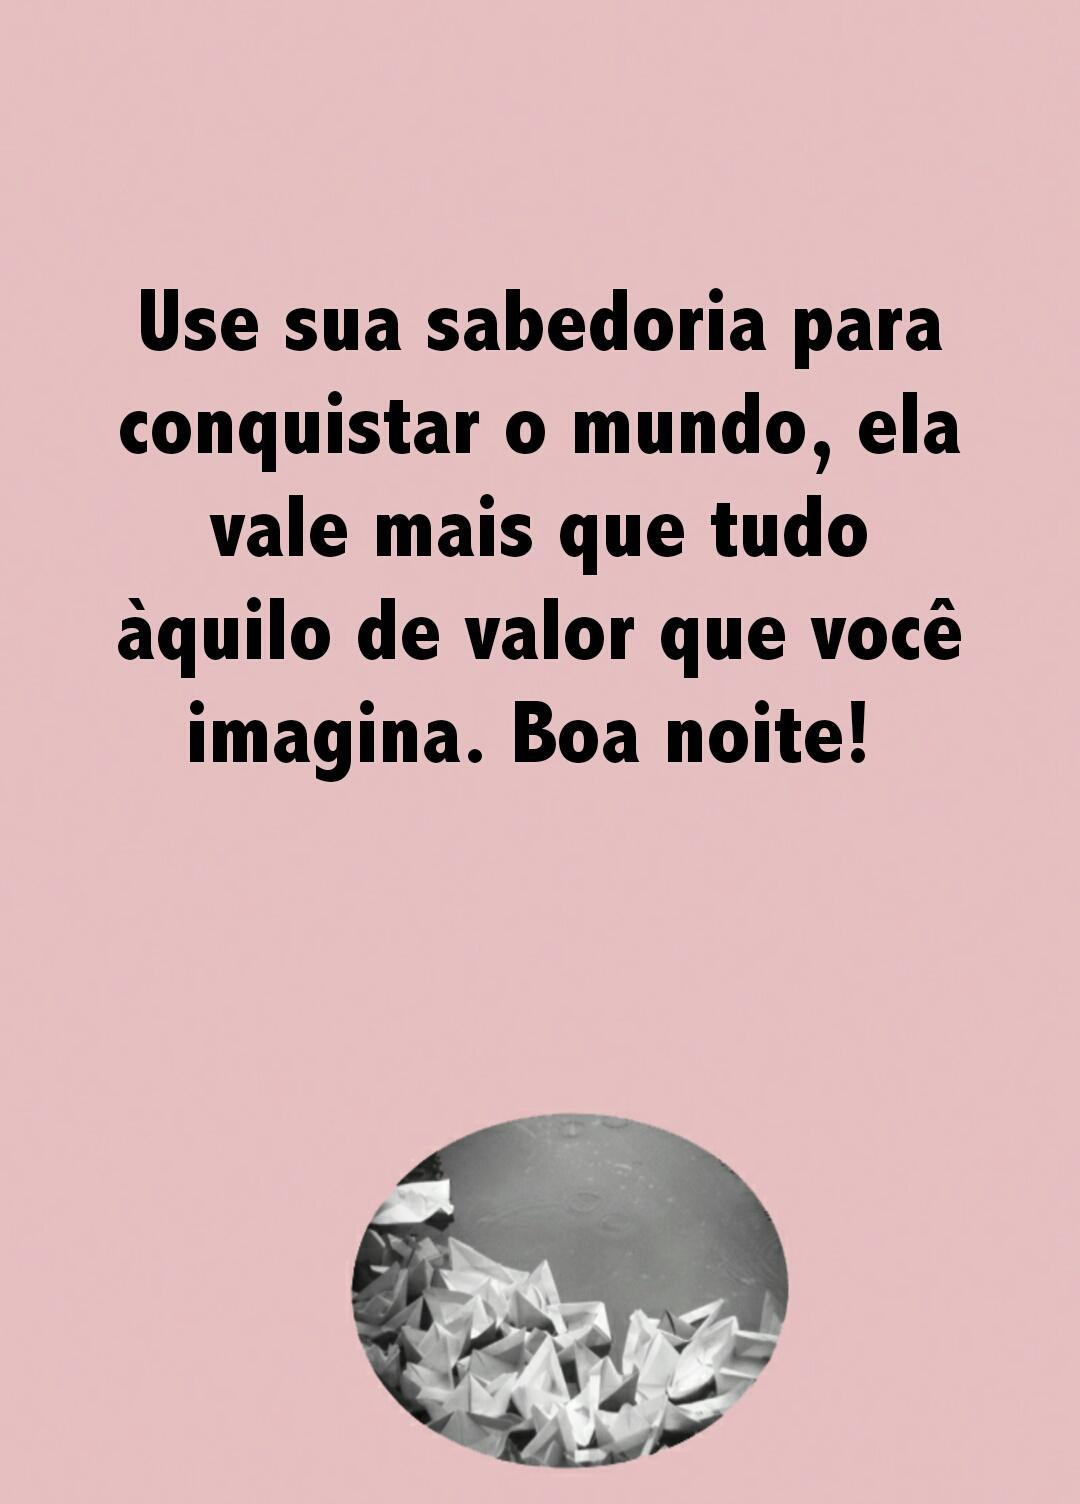 Frases Y Estados En Portugues For Android Apk Download